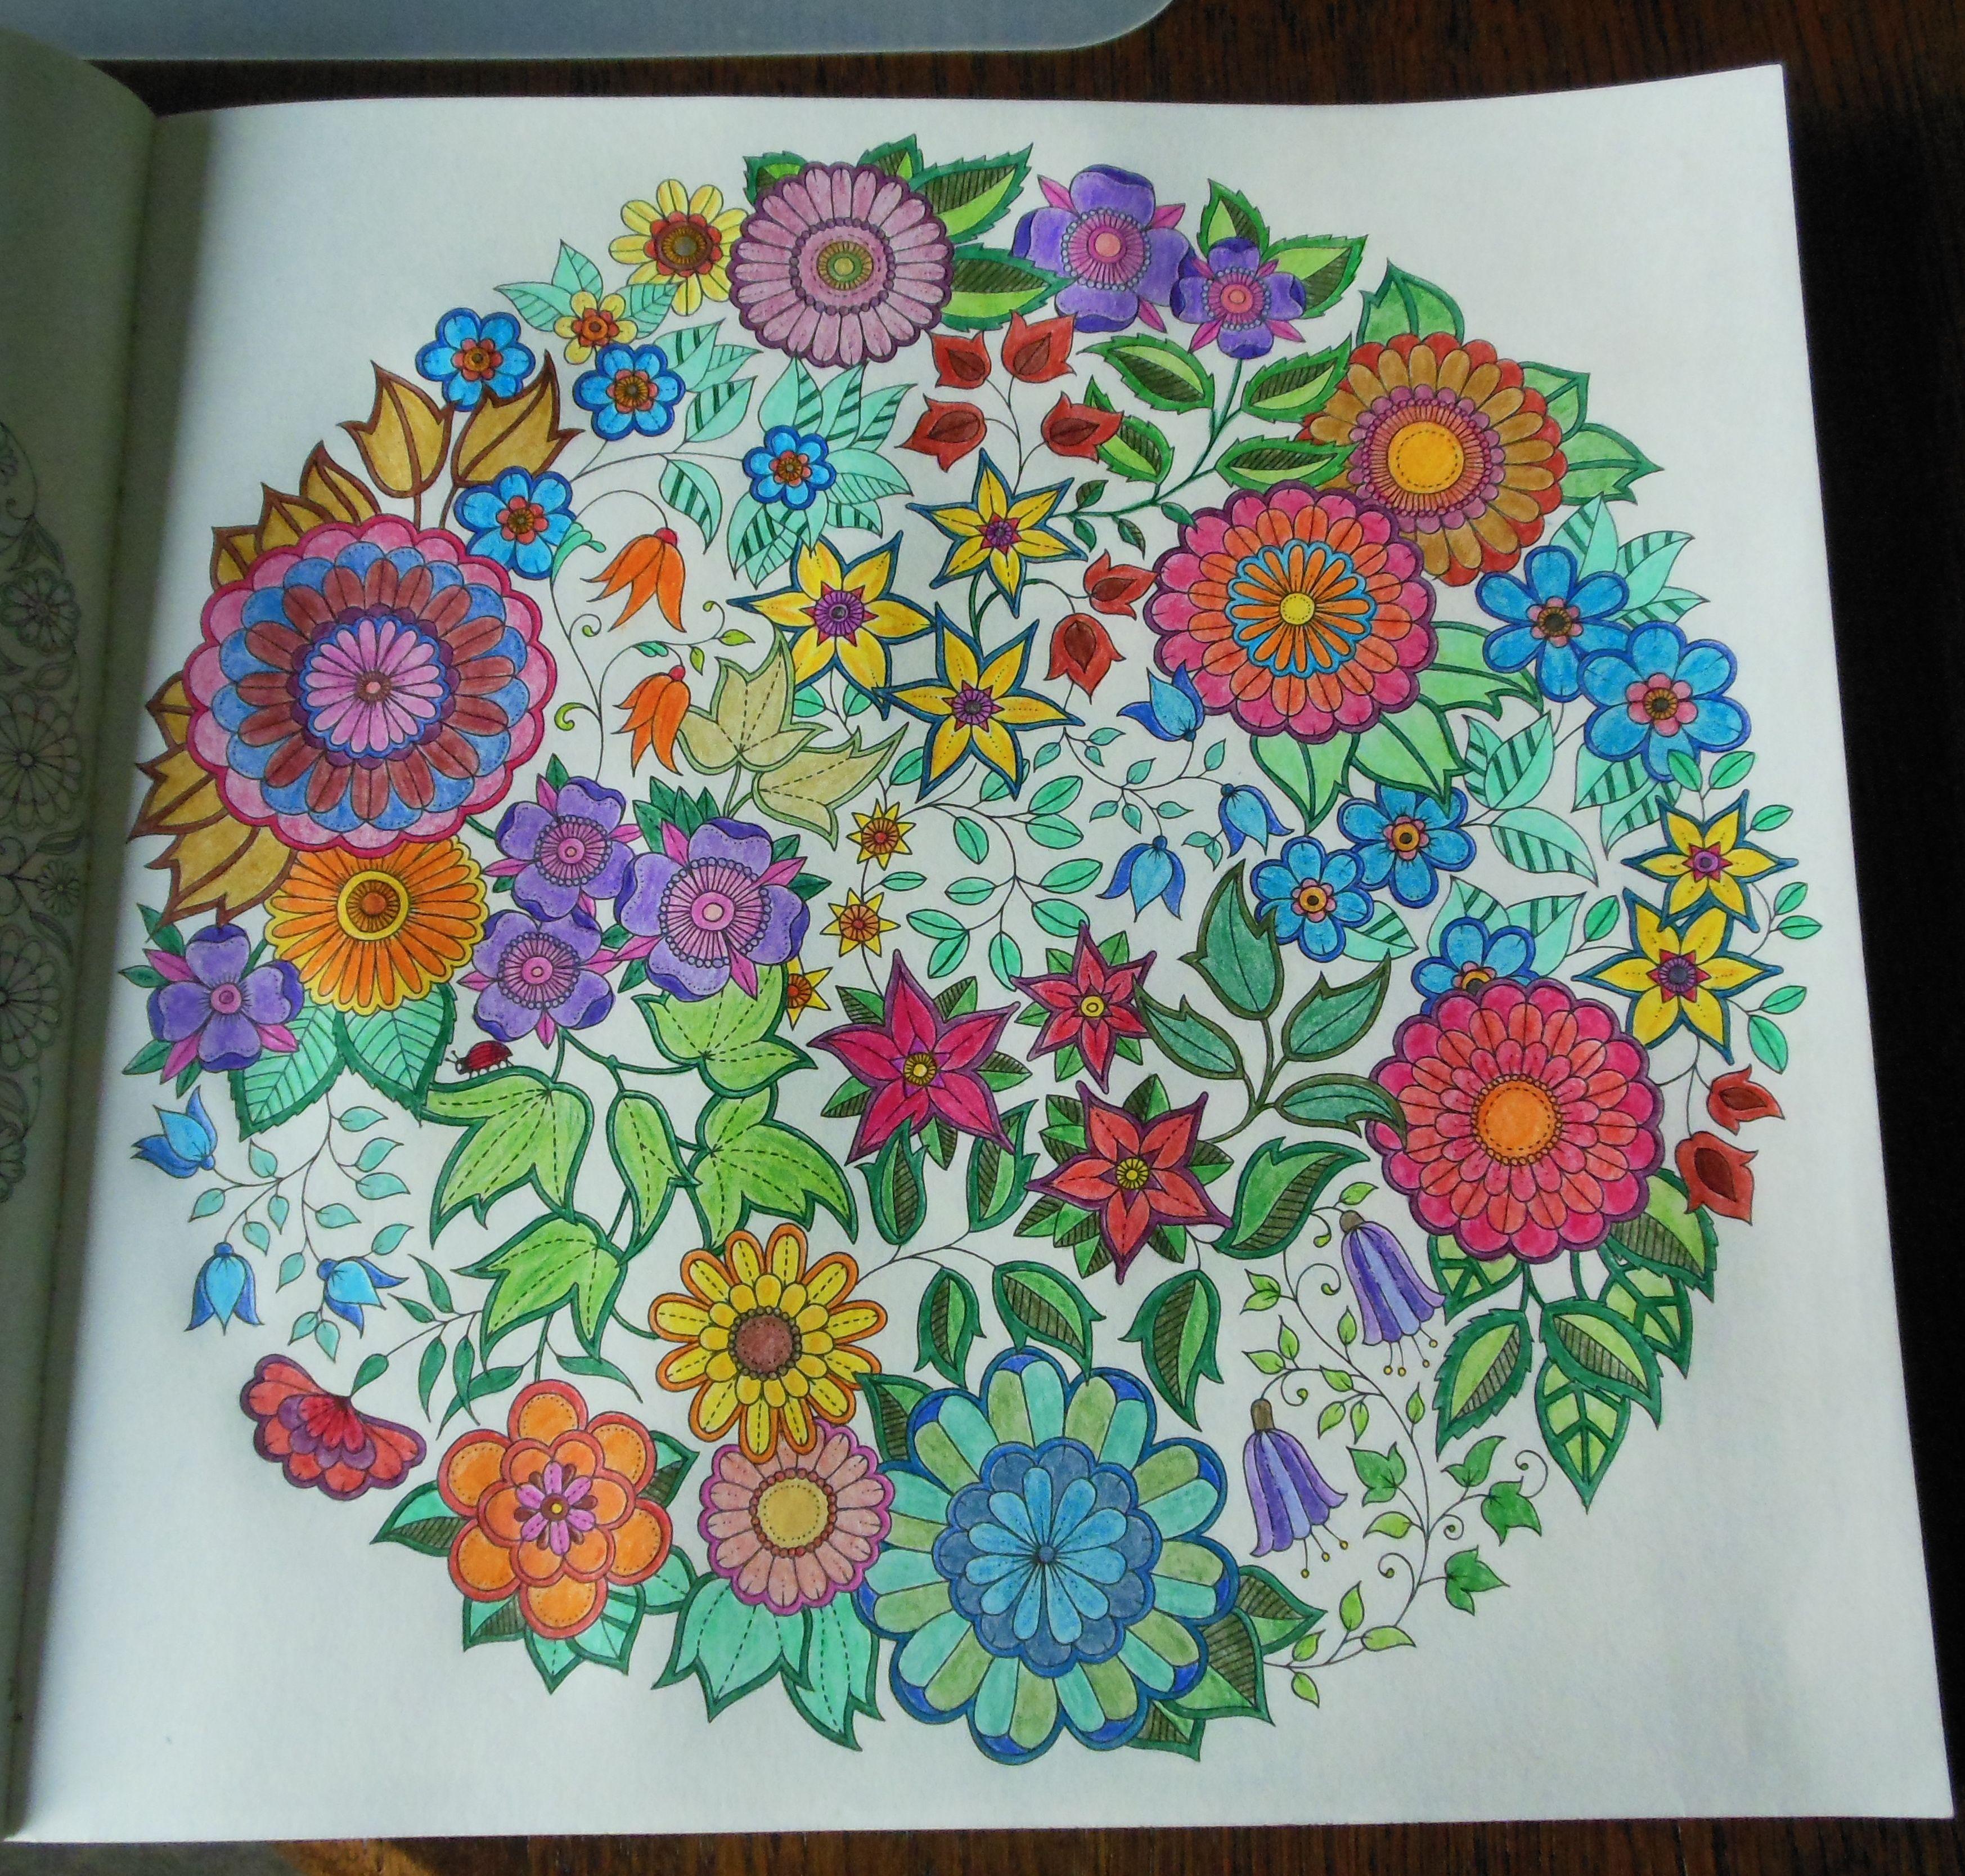 Mijn Eerste Kleurplaat Uit Het Boek Geheime Tuin Kleurboek Kleurplaten Geheime Tuin